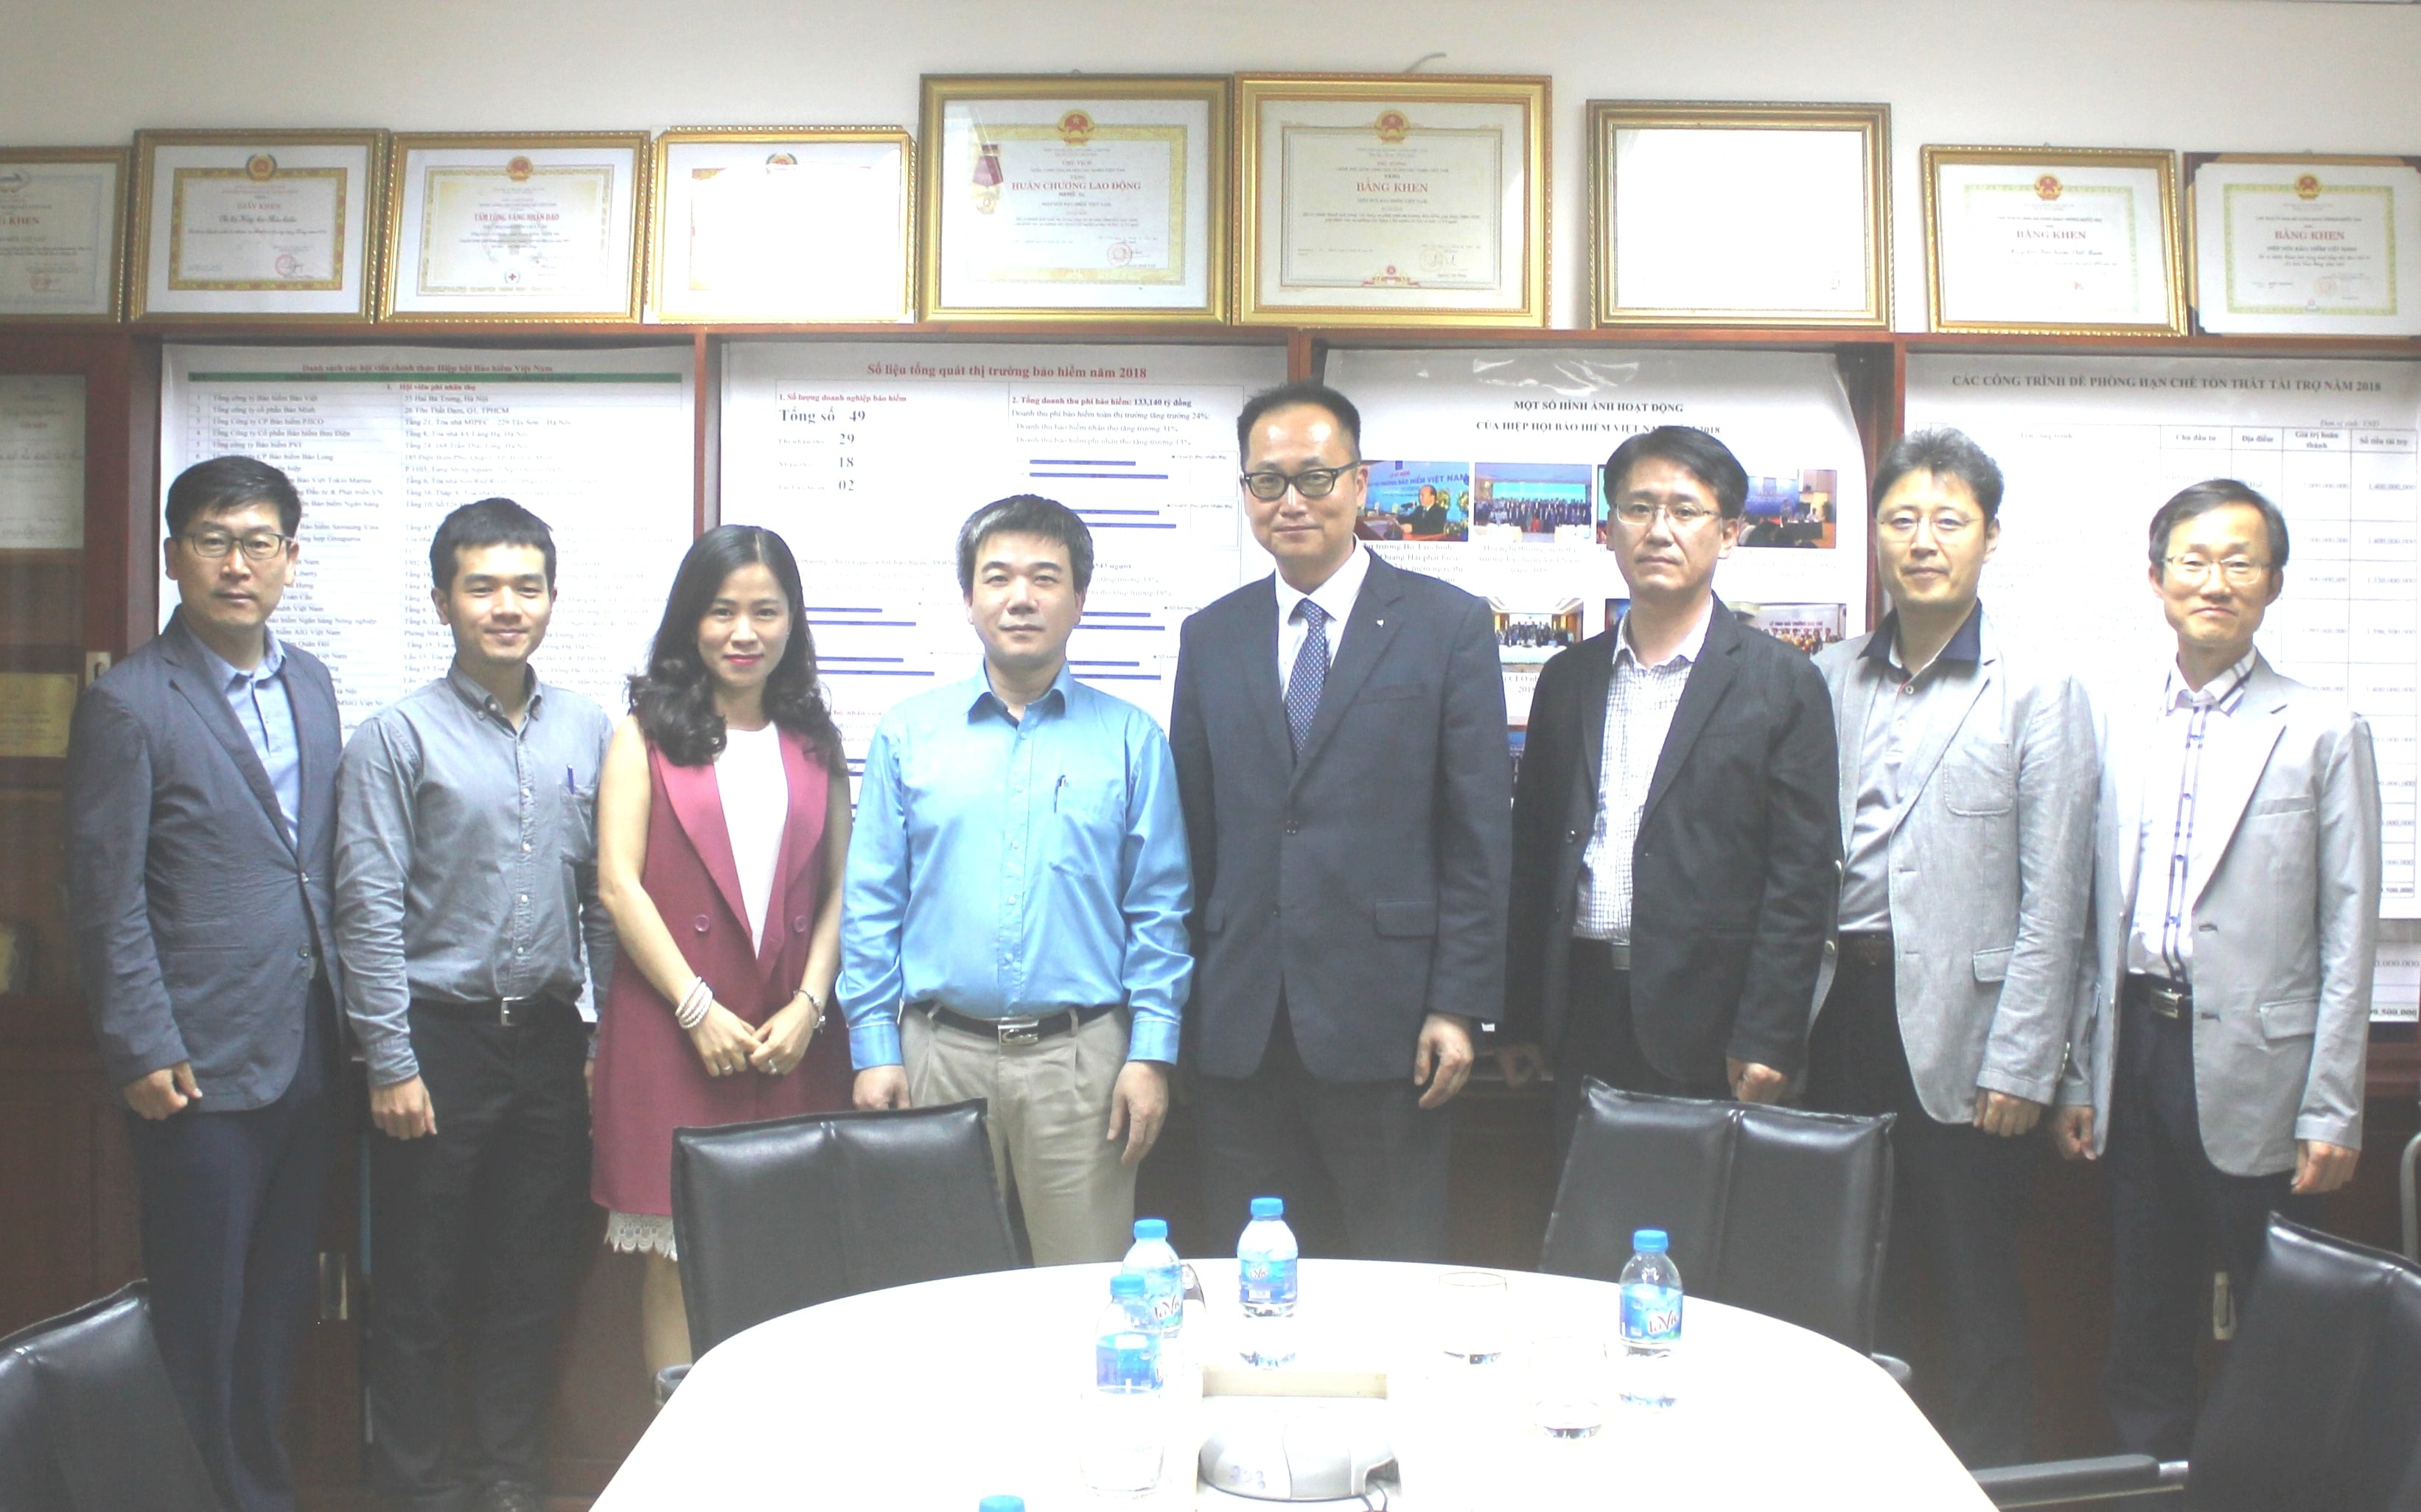 Hiệp hội Bảo hiểm phi nhân thọ Hàn Quốc sang thăm và làm việc với Hiệp hội Bảo hiểm Việt Nam